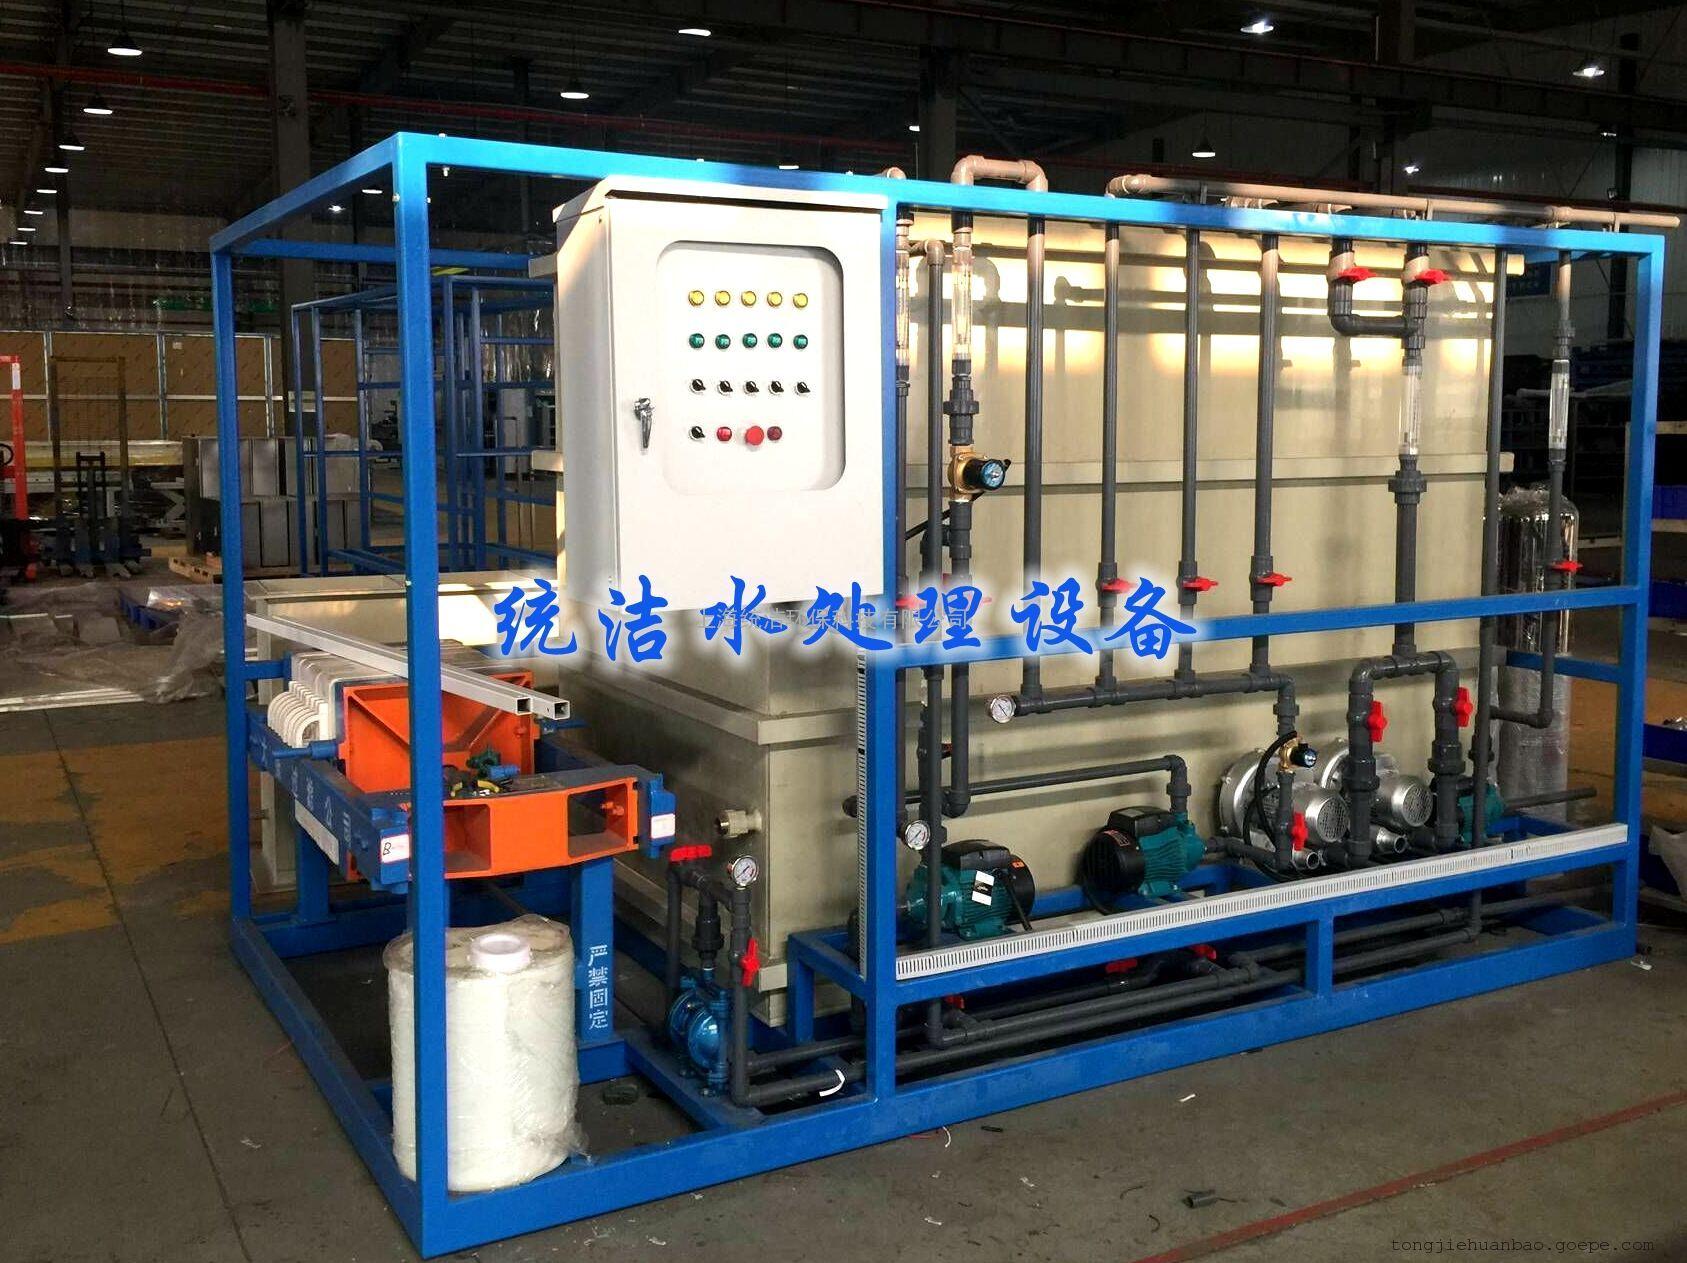 生物制剂废水处理设备(诊断试剂废水处理设备)